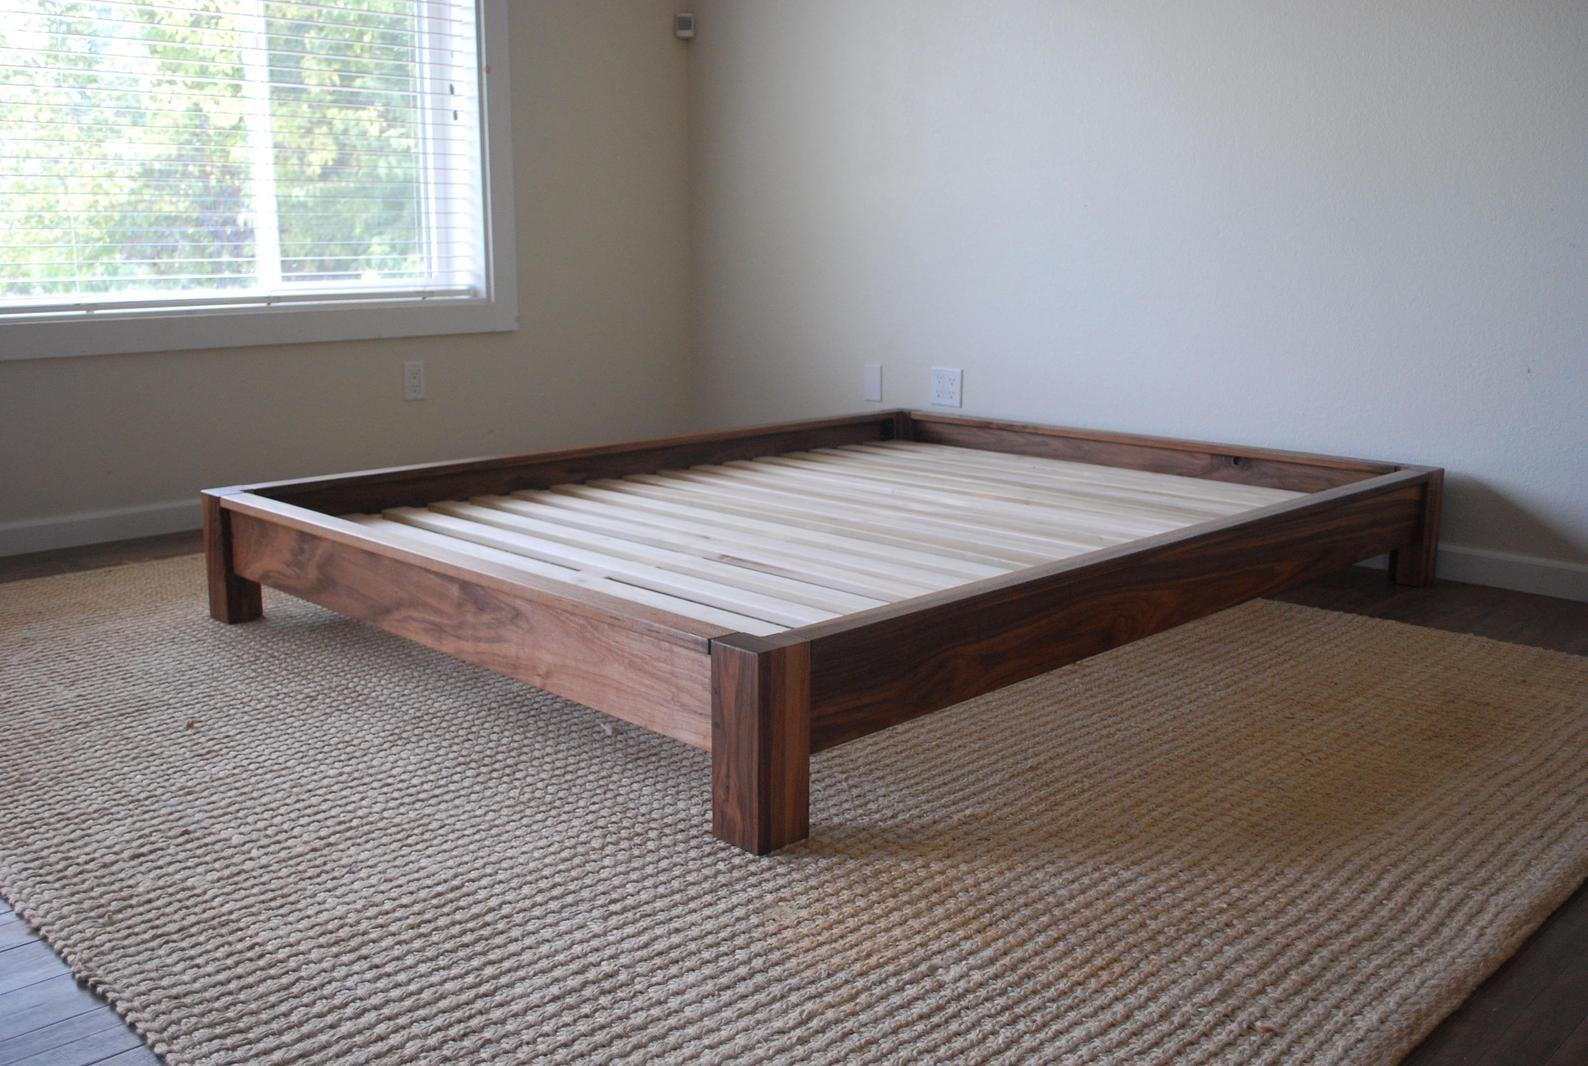 LowProfile Platform Bed in Black Walnut, Twin, Full